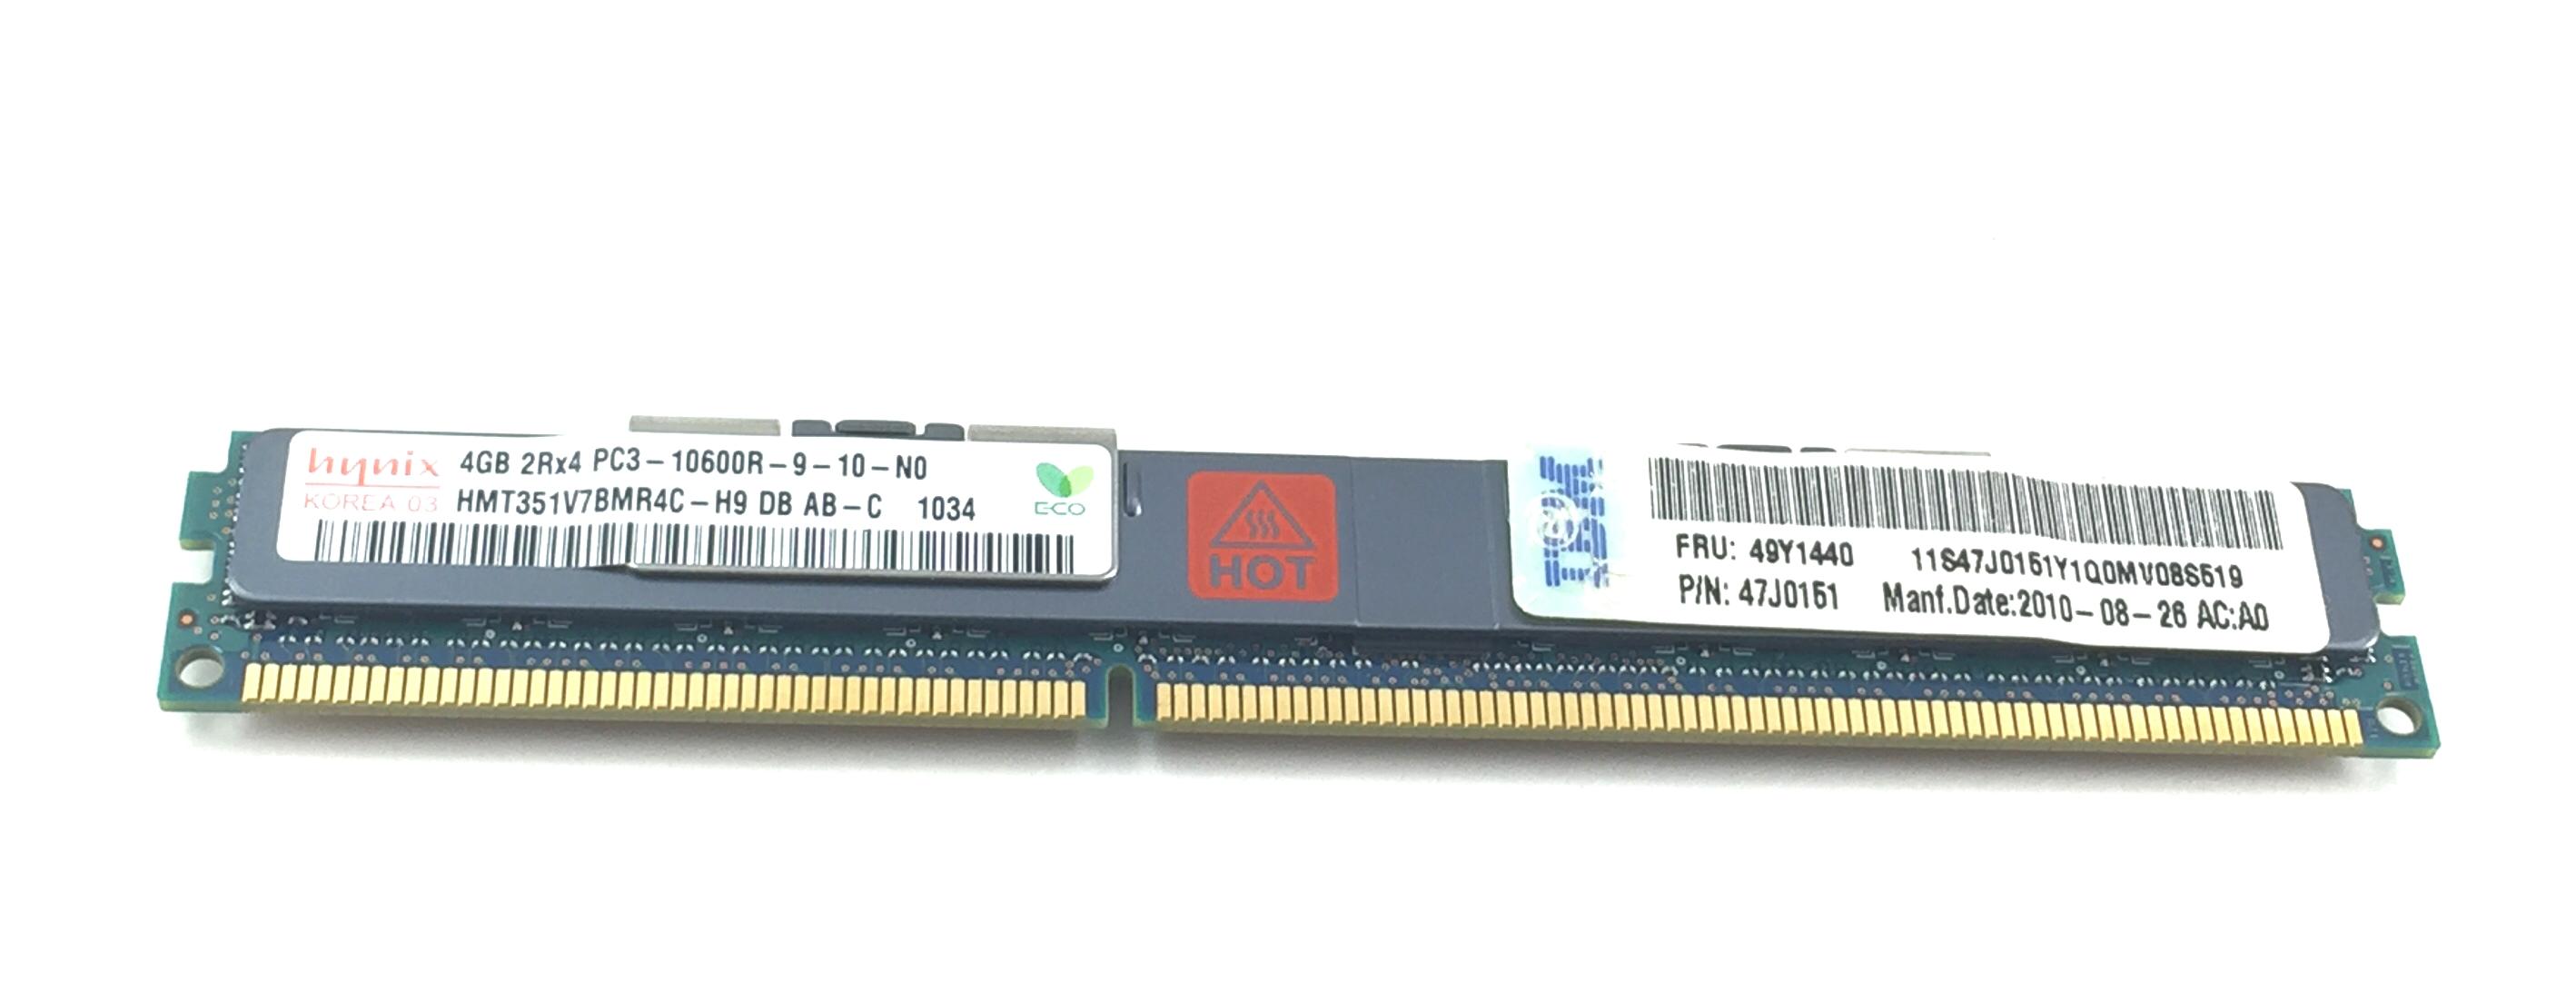 IBM 4GB 2R X 4 PC3-10600R Vlp ECC REG Memory (49Y1440)